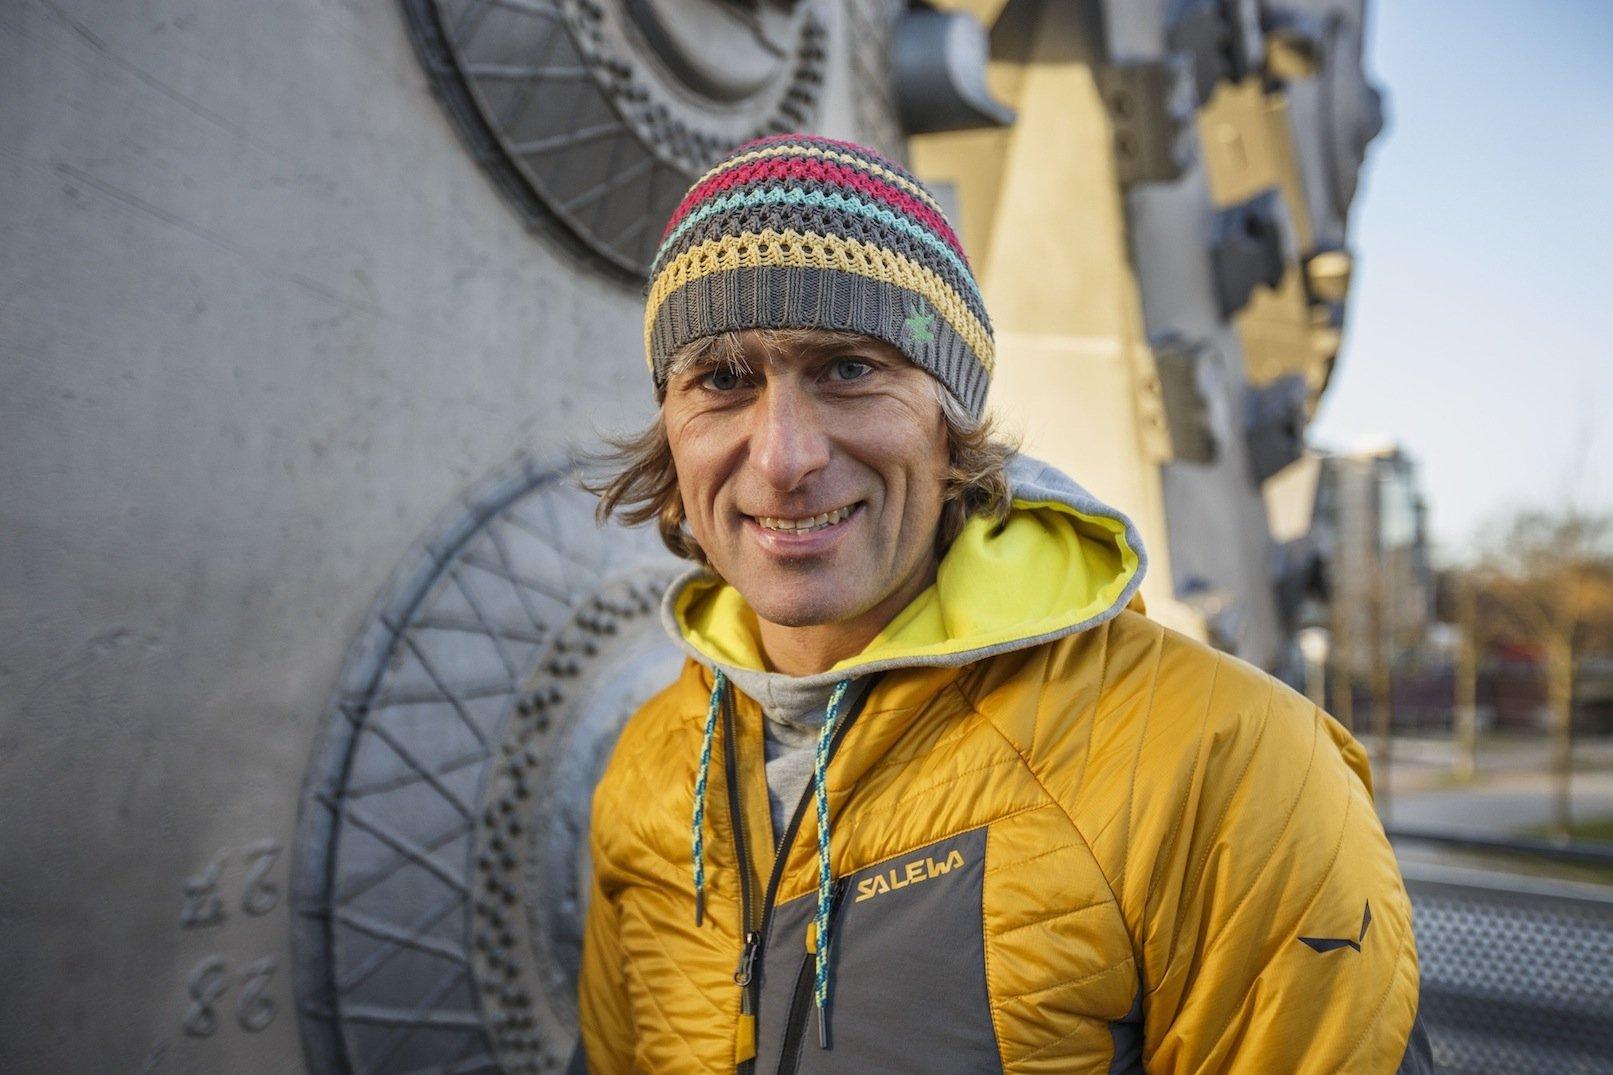 Portrait – SALEWA-Athlet Michi Wärthl: Get vertical – auch Deutschlands bester Allroundbergsteiger hat noch Träume